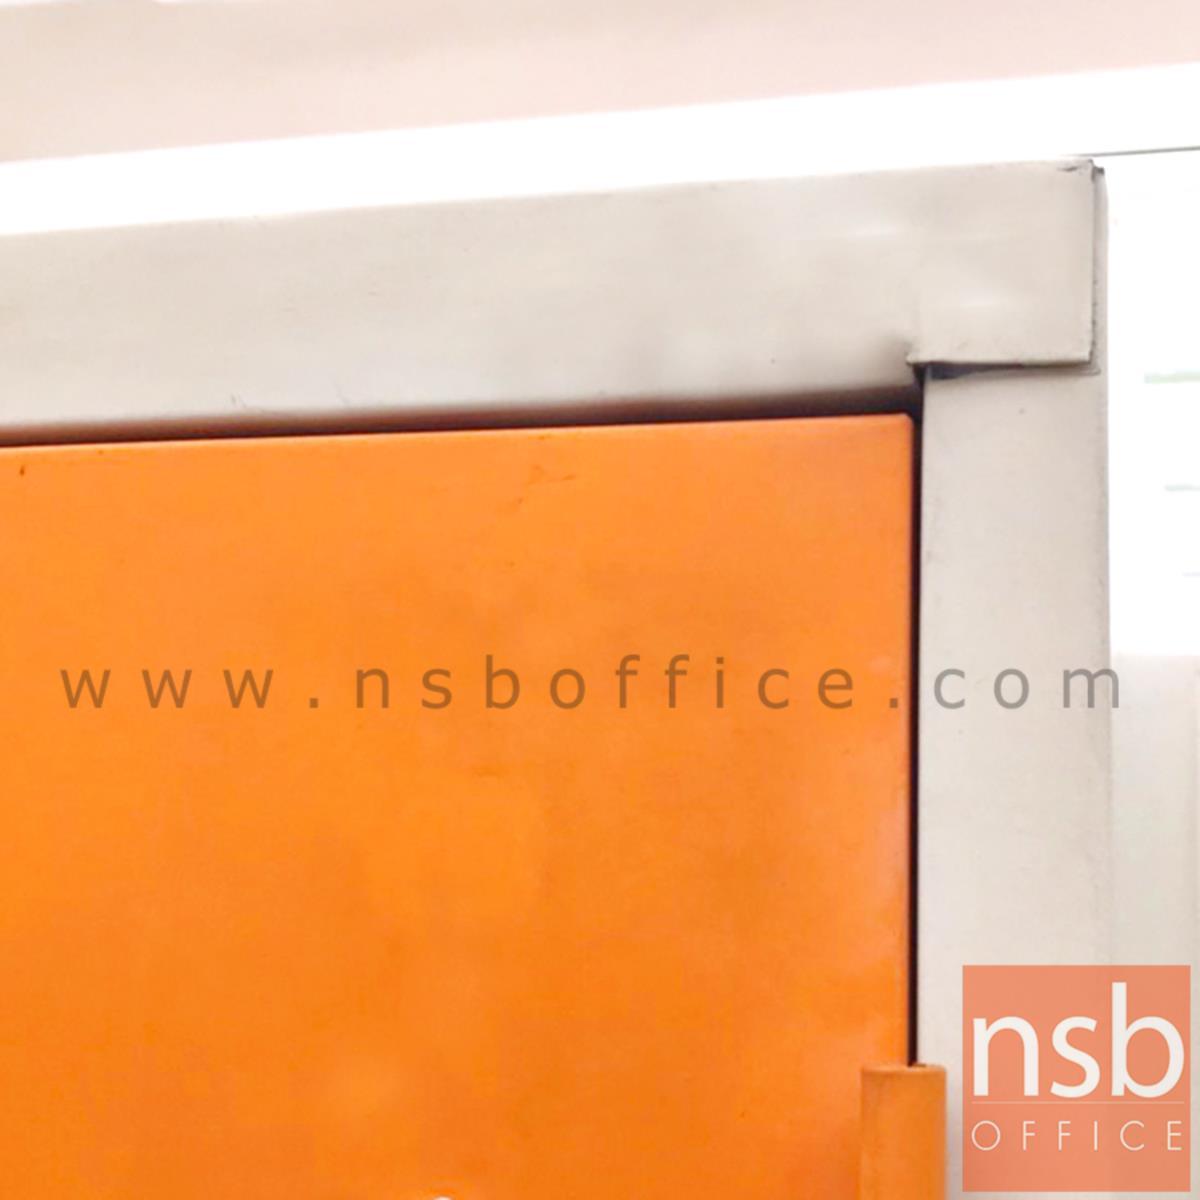 ตู้เหล็กแม่บ้าน 1 บานเปิด  ขนาด 60W*184H cm. สีขาว-ส้ม